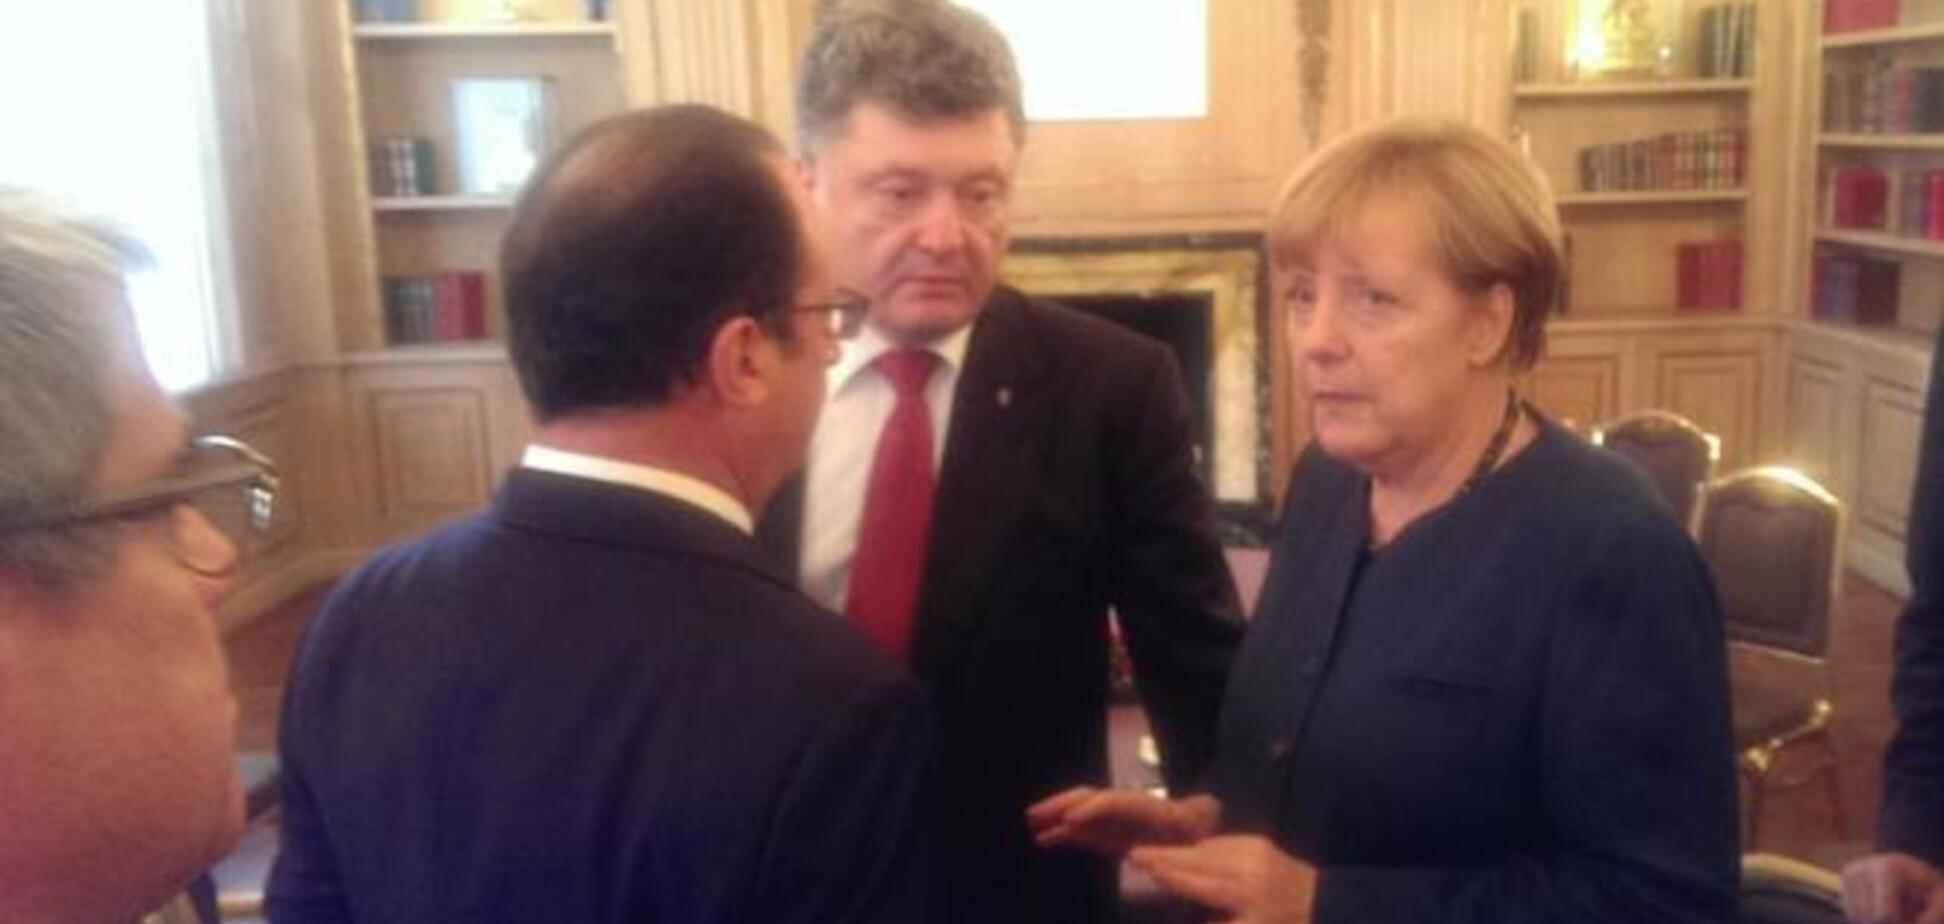 Путін залишив нараду, Порошенко залишився з Меркель і Олландом: опубліковано фото